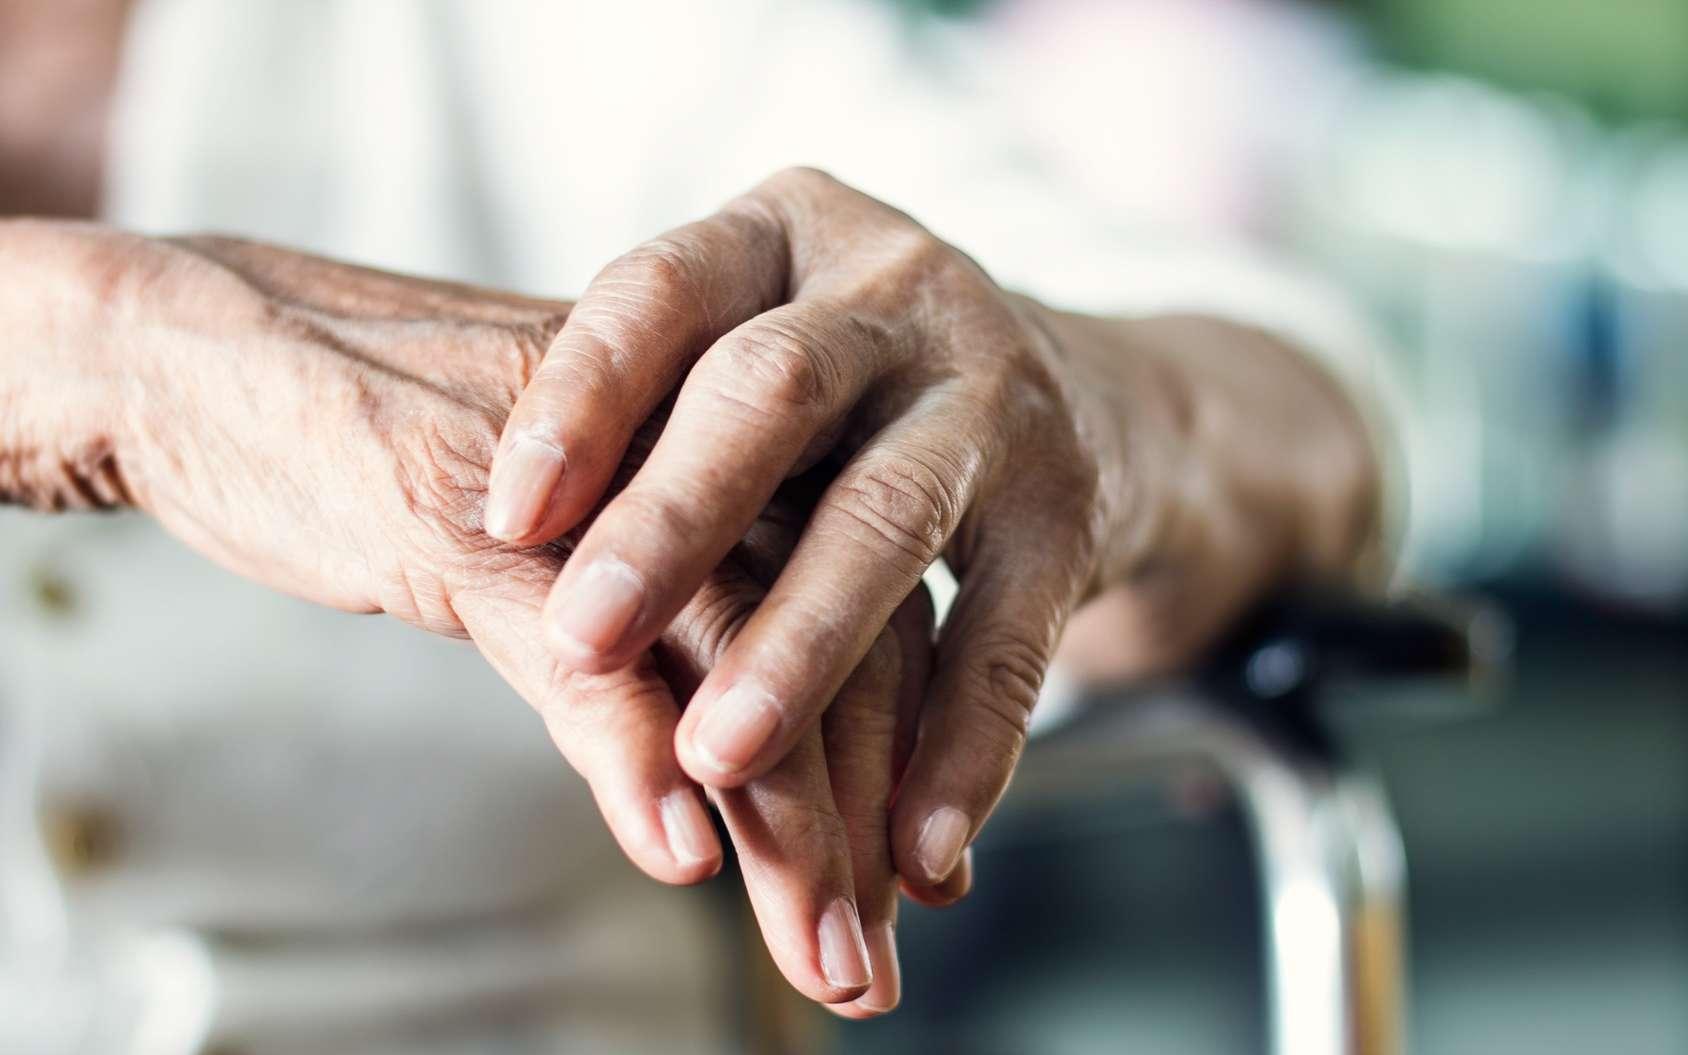 Le risque de maladie d'Alzheimer augmente avec l'âge. © ipopba, Fotolia